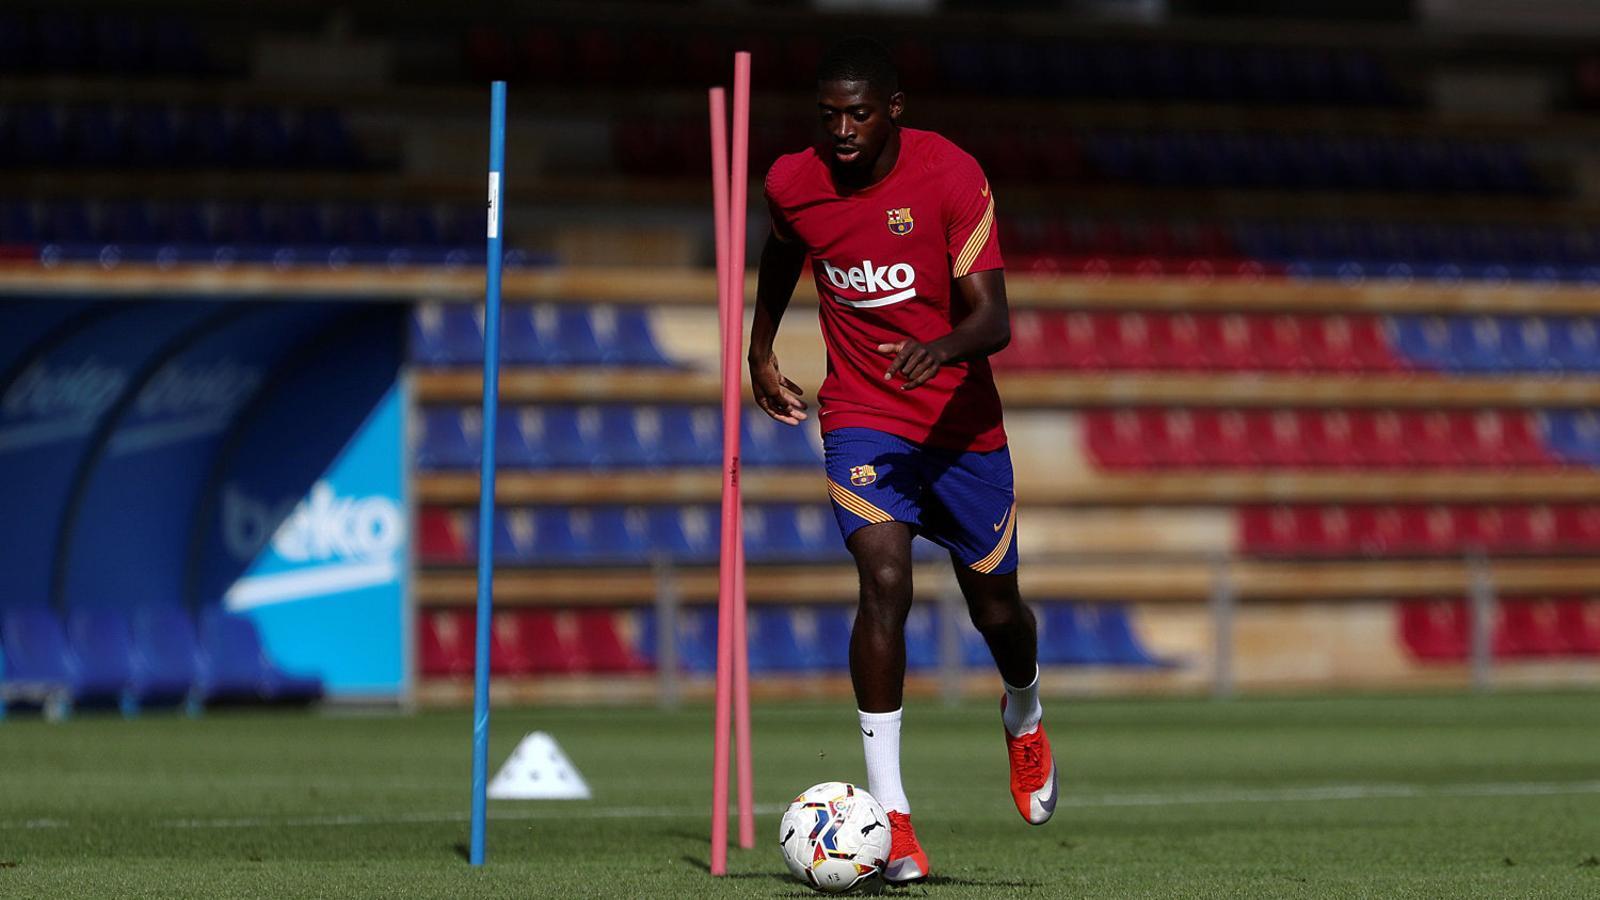 Dembélé en un entrenament amb el Barça. L'extrem francès ha estat més temps lesionat que disponible els últims tres anys.